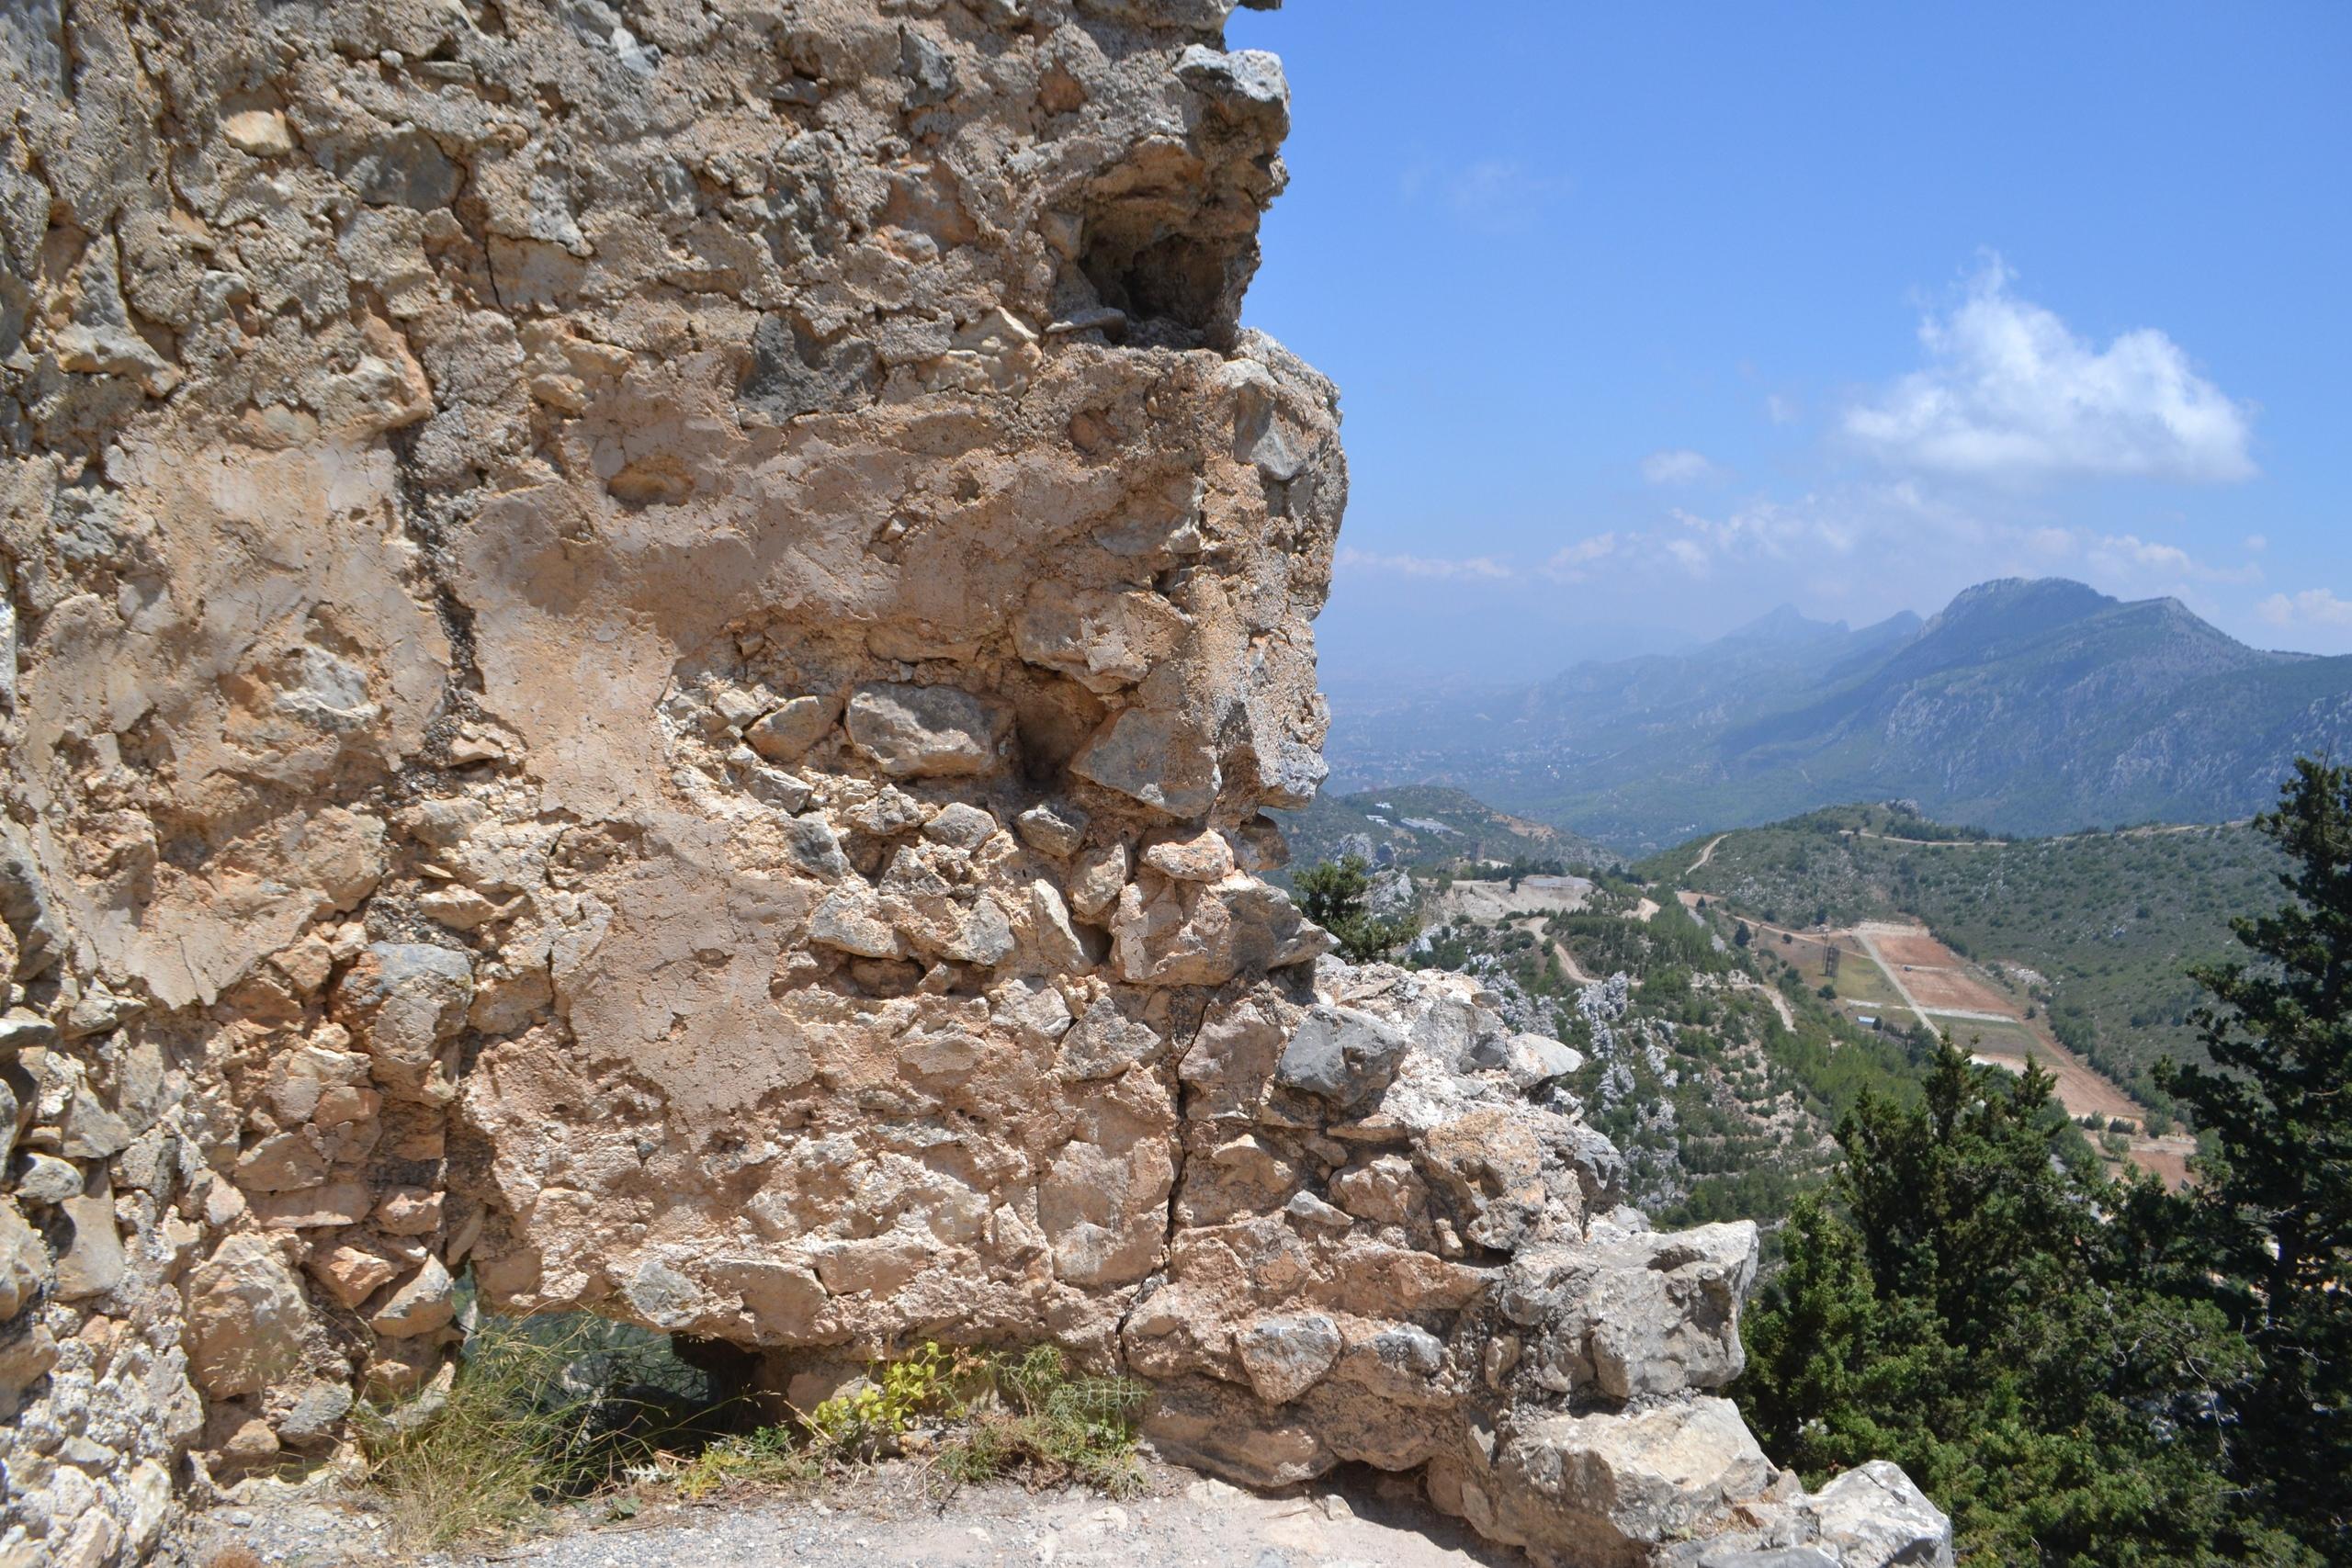 Северный Кипр. Замок Святого Иллариона. (фото). - Страница 3 Nol-GlTEZm4